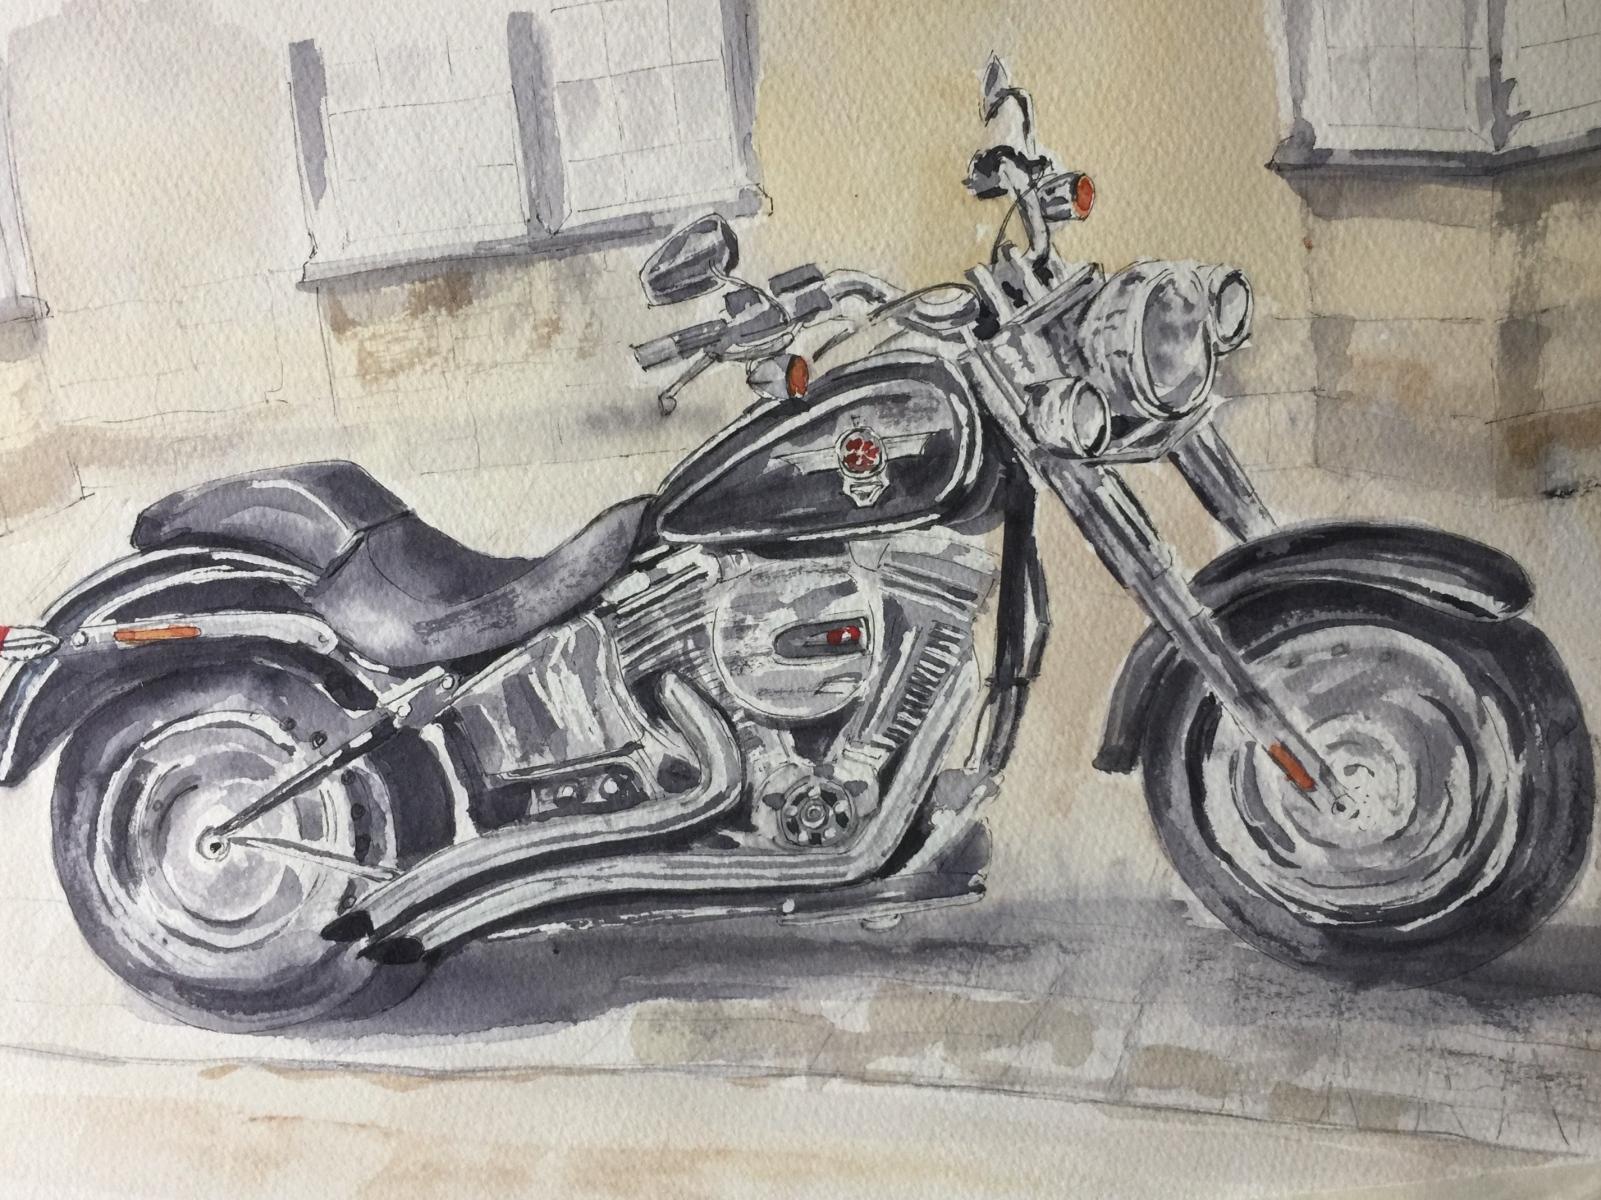 2021-Harley-Fat-Boy